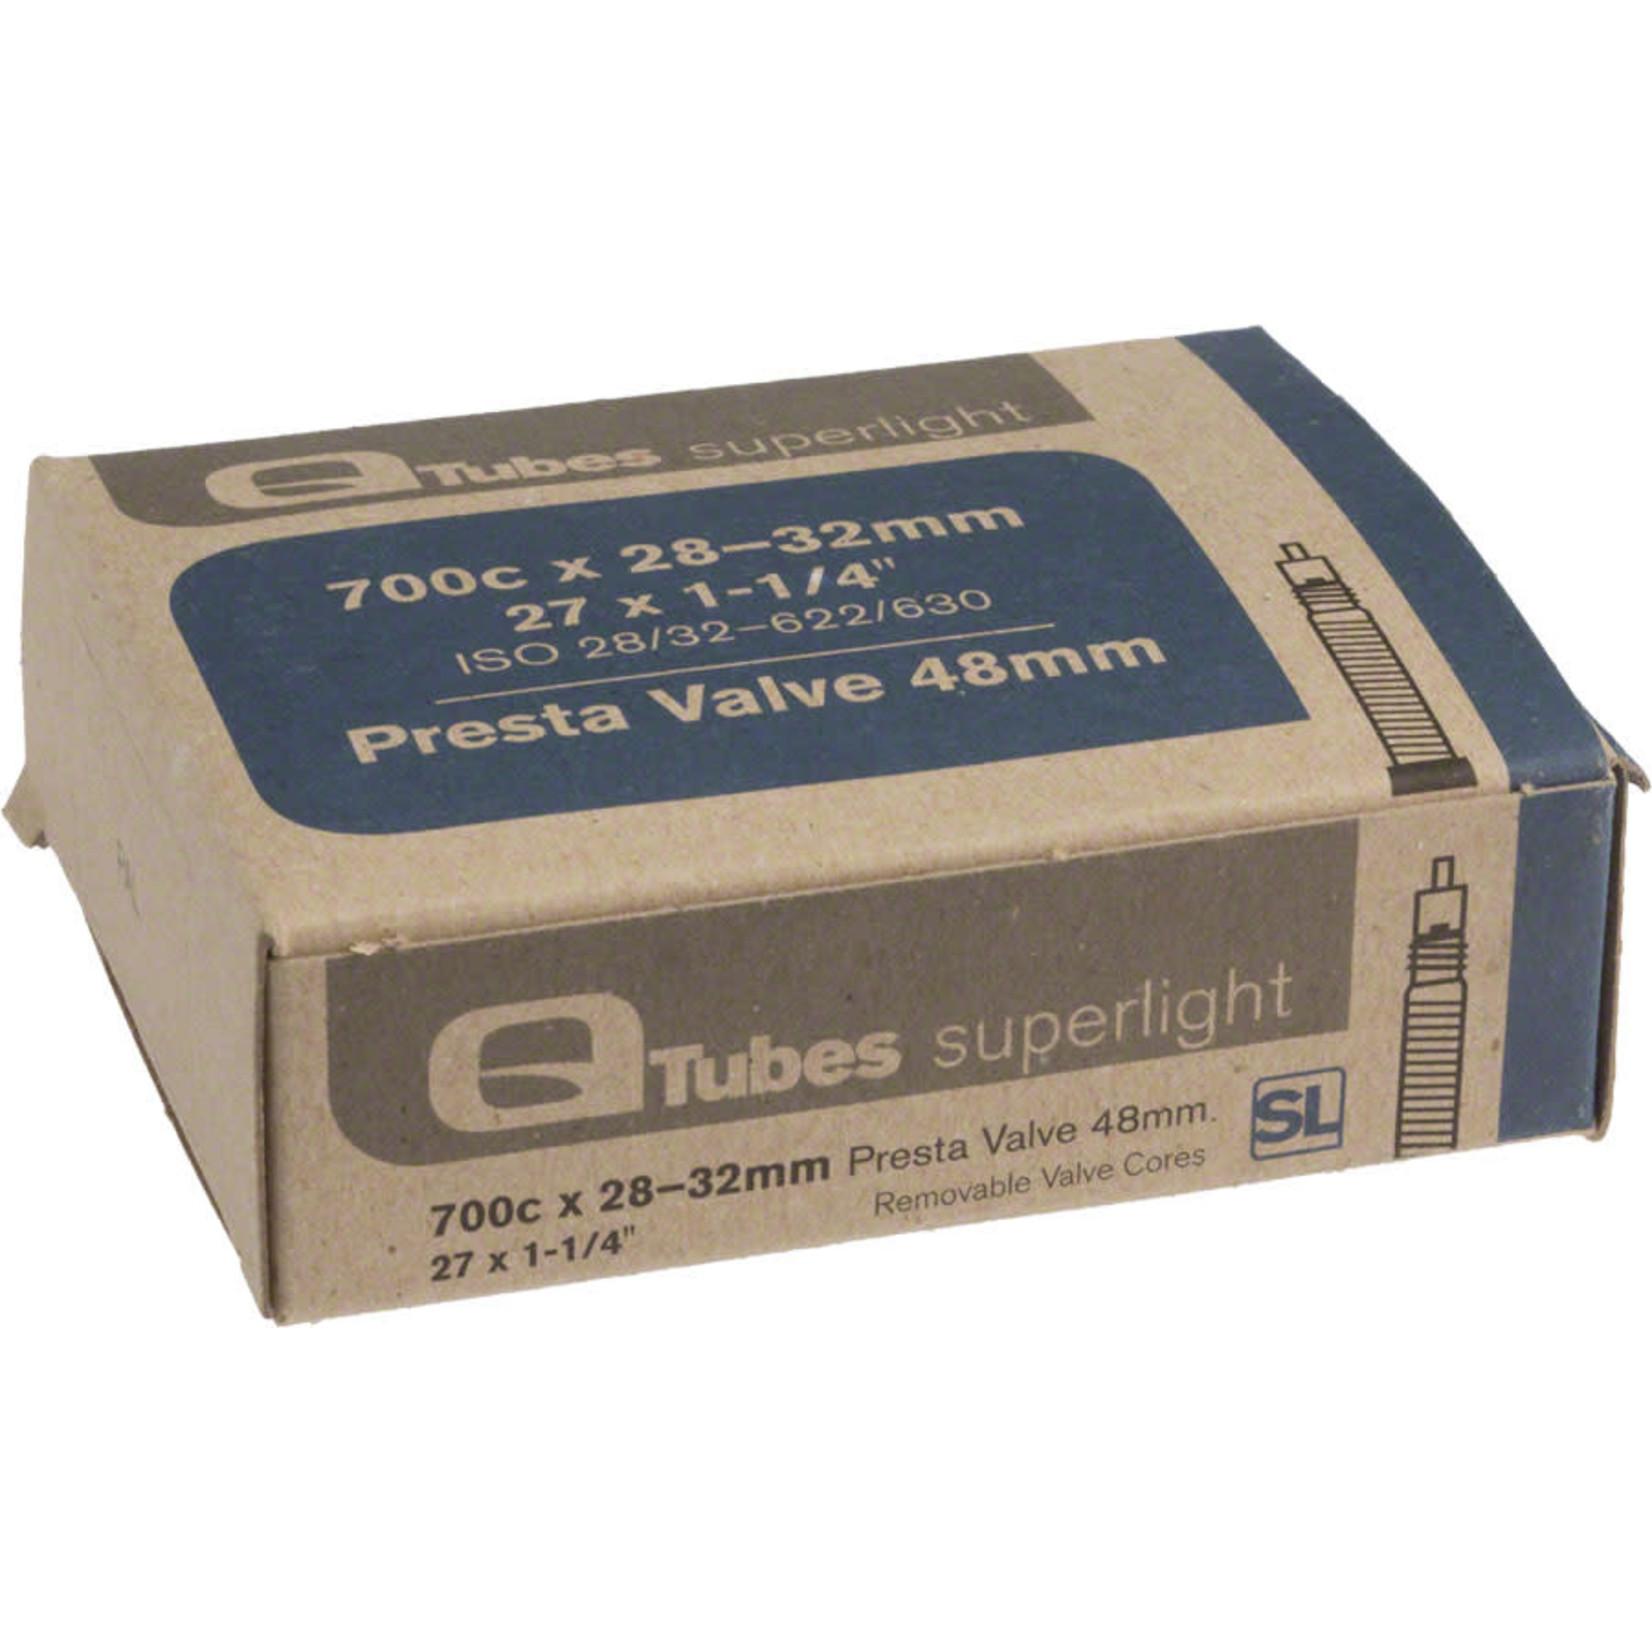 Q-Tubes Q-Tubes / Teravail Superlight 700c x 28-32mm 48mm Presta Valve Tube